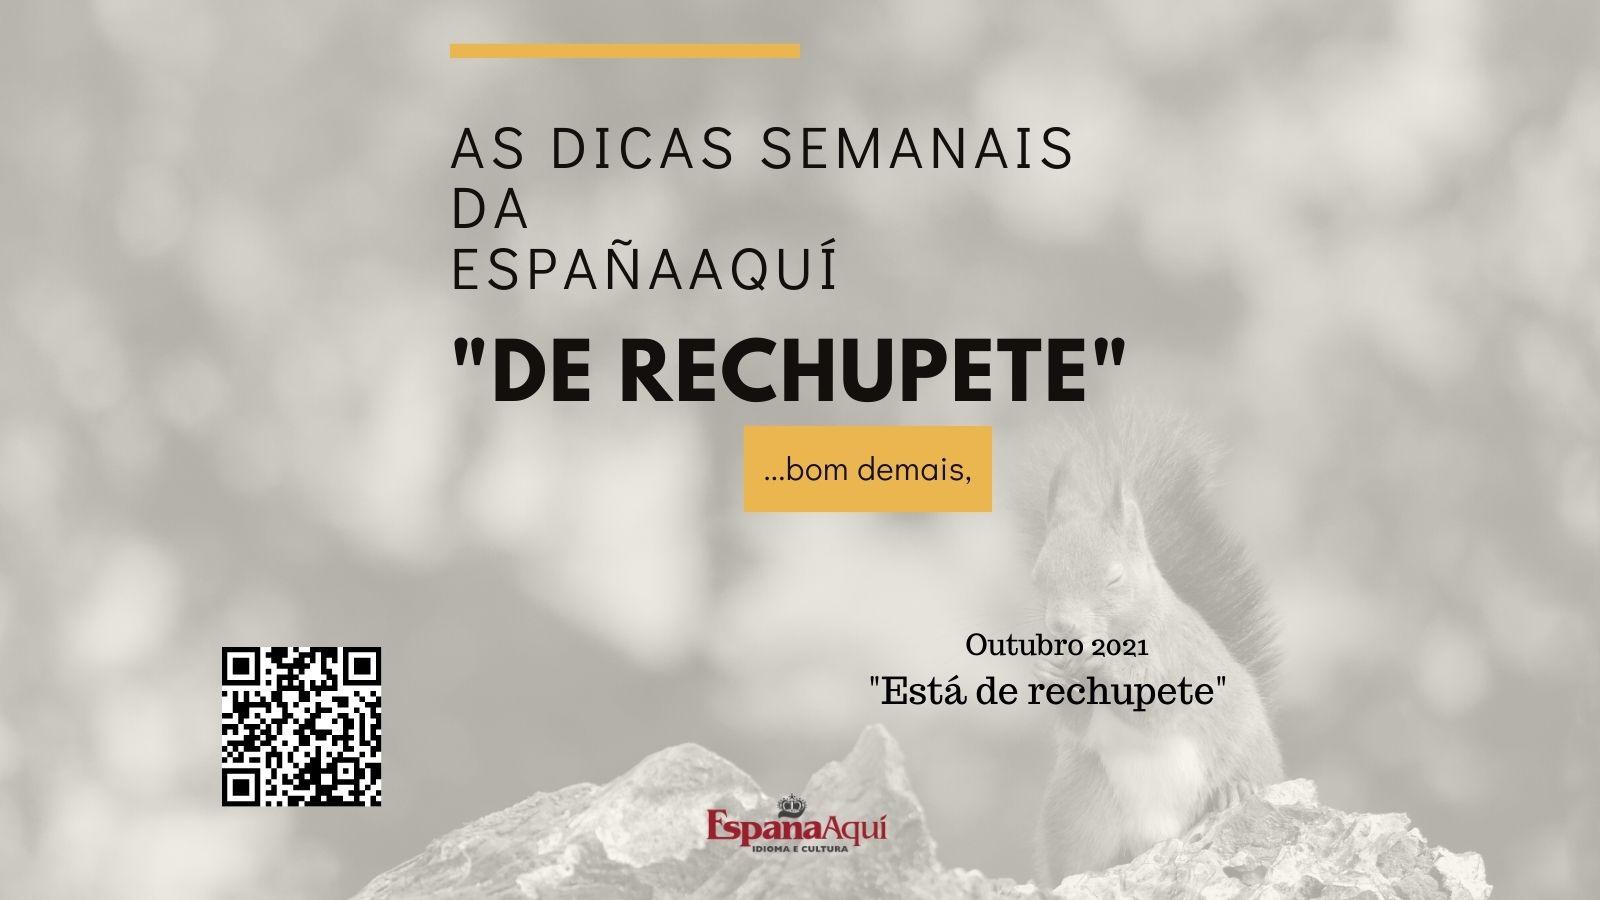 https://www.espanaaqui.com.br/pdf/outubro%202021/Dicas%20semanais.%20rechupete%20(Post%20para%20Twitter).jpg